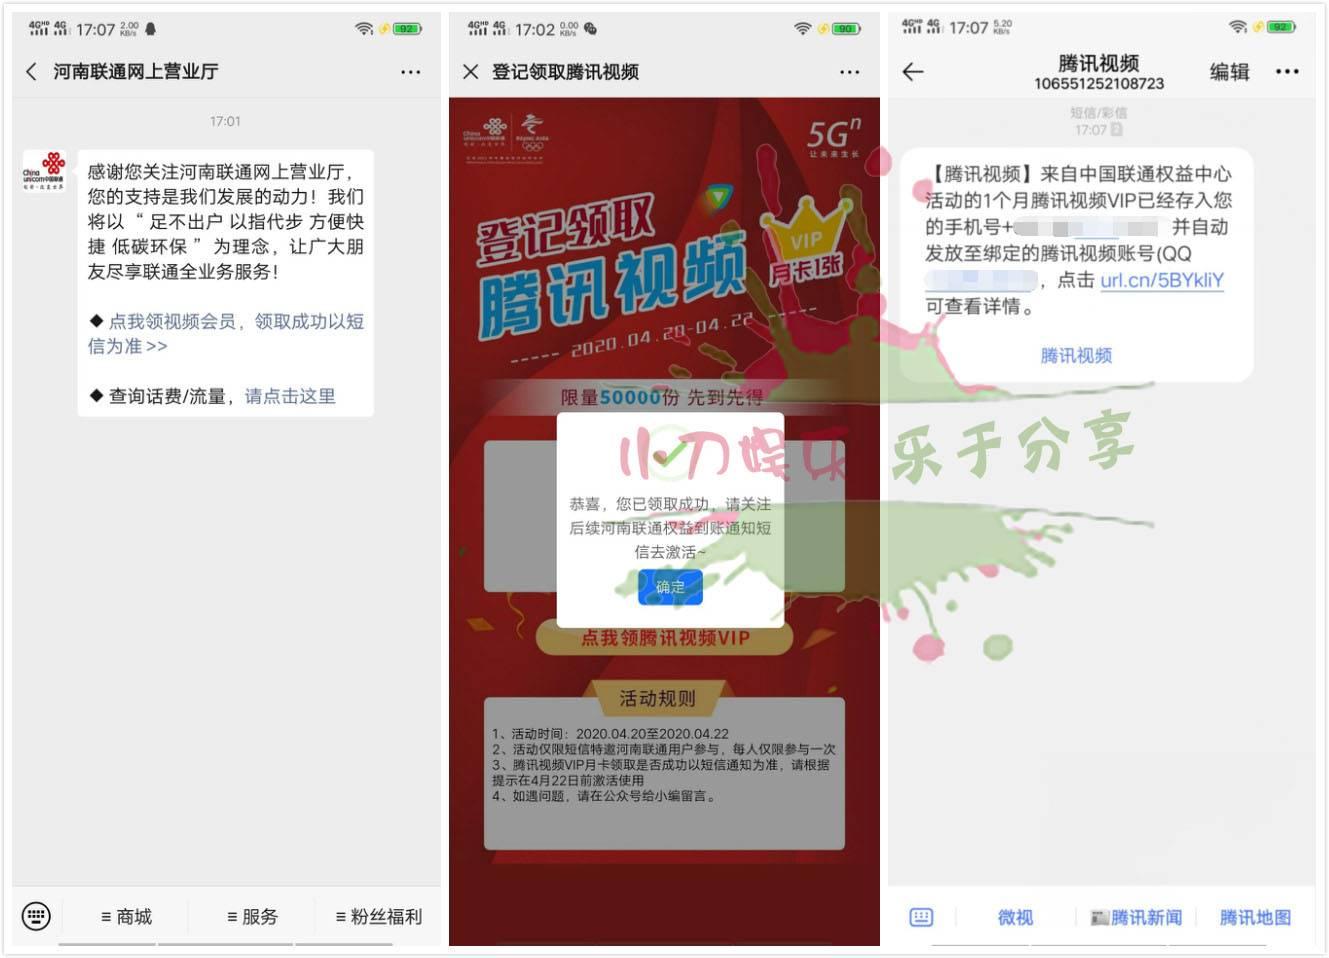 河南联通领1个月腾讯视频会员